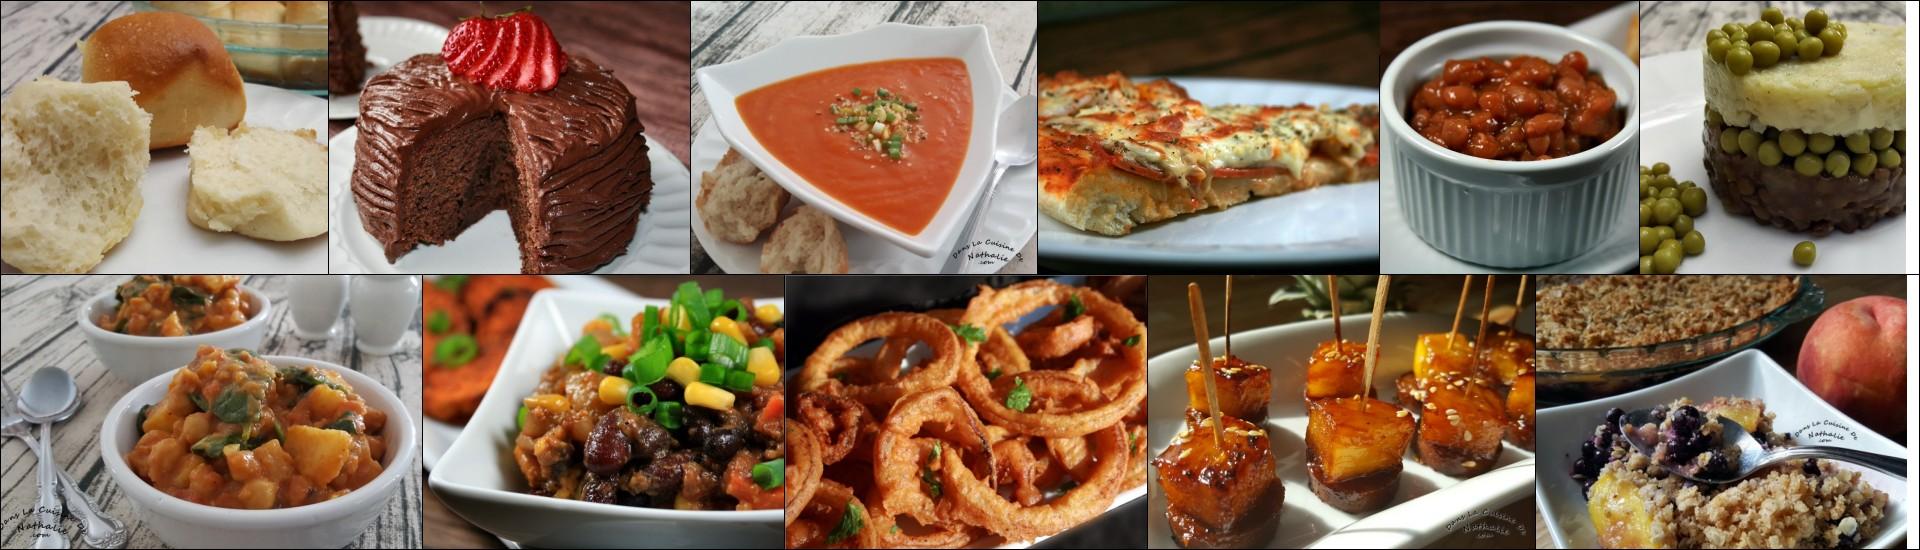 Dans la cuisine de nathalie recettes de tous les jours test es et approuv es par ses - Cuisine de tous les jours recettes ...